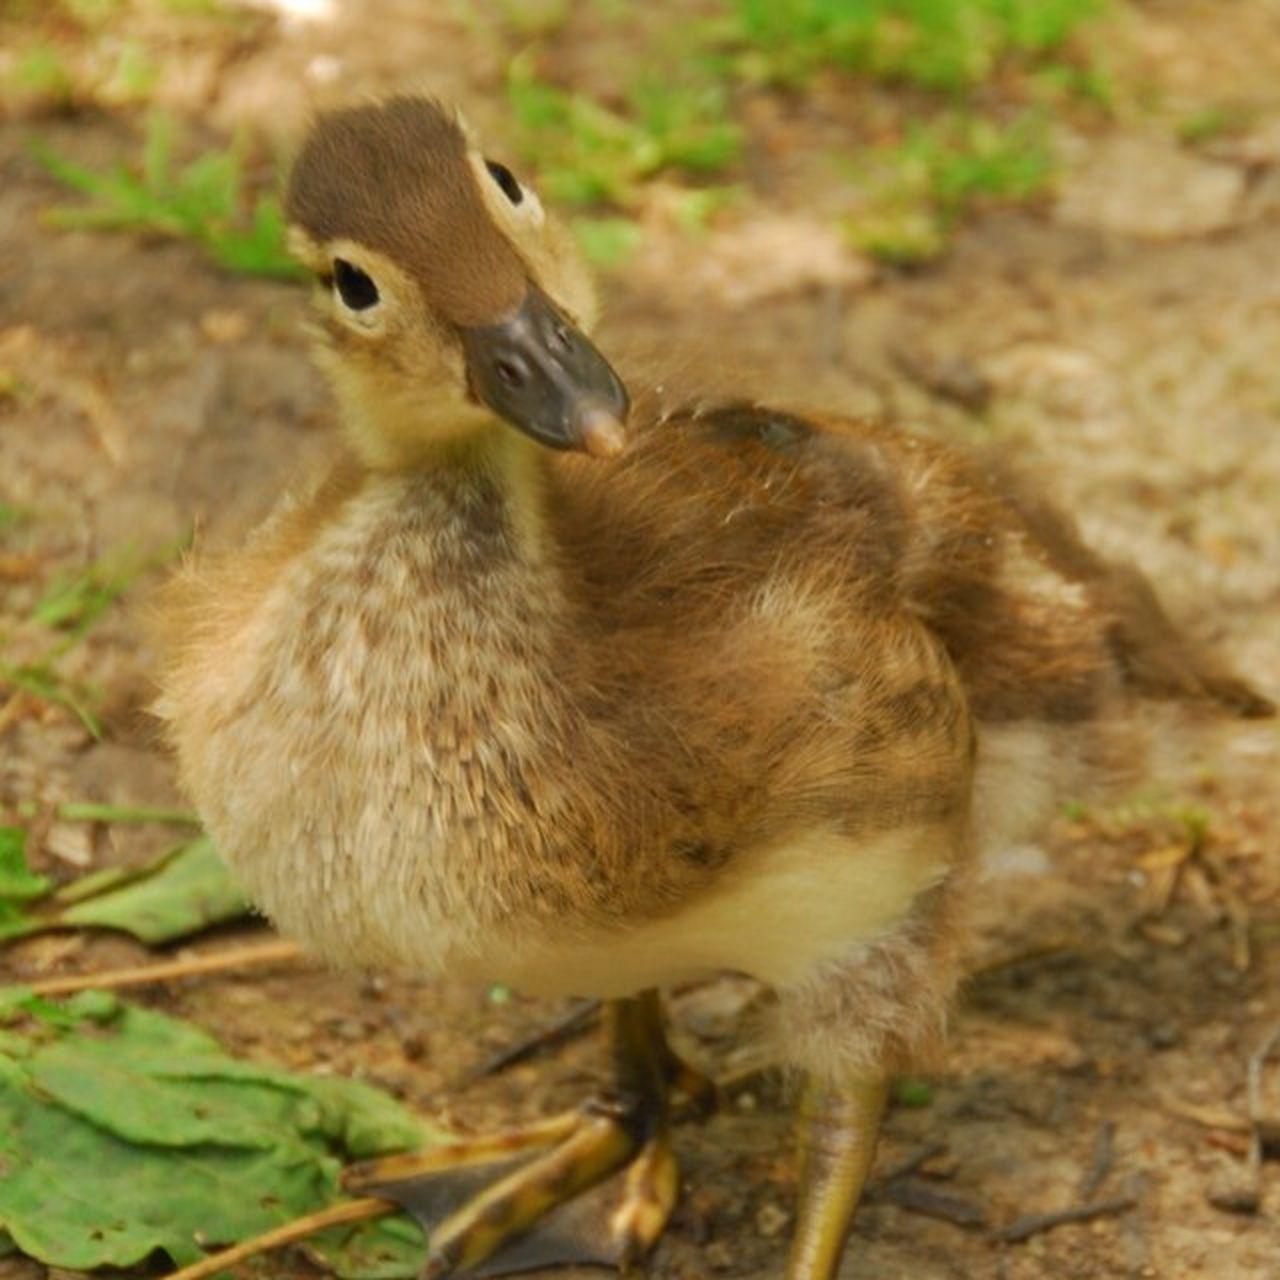 Easter Ready Mandarin Duckling Spring Bird Bird Photography Springtime Spring Has Sprung Spring Duckling Spring Has Arrived Wild Bird Hello World